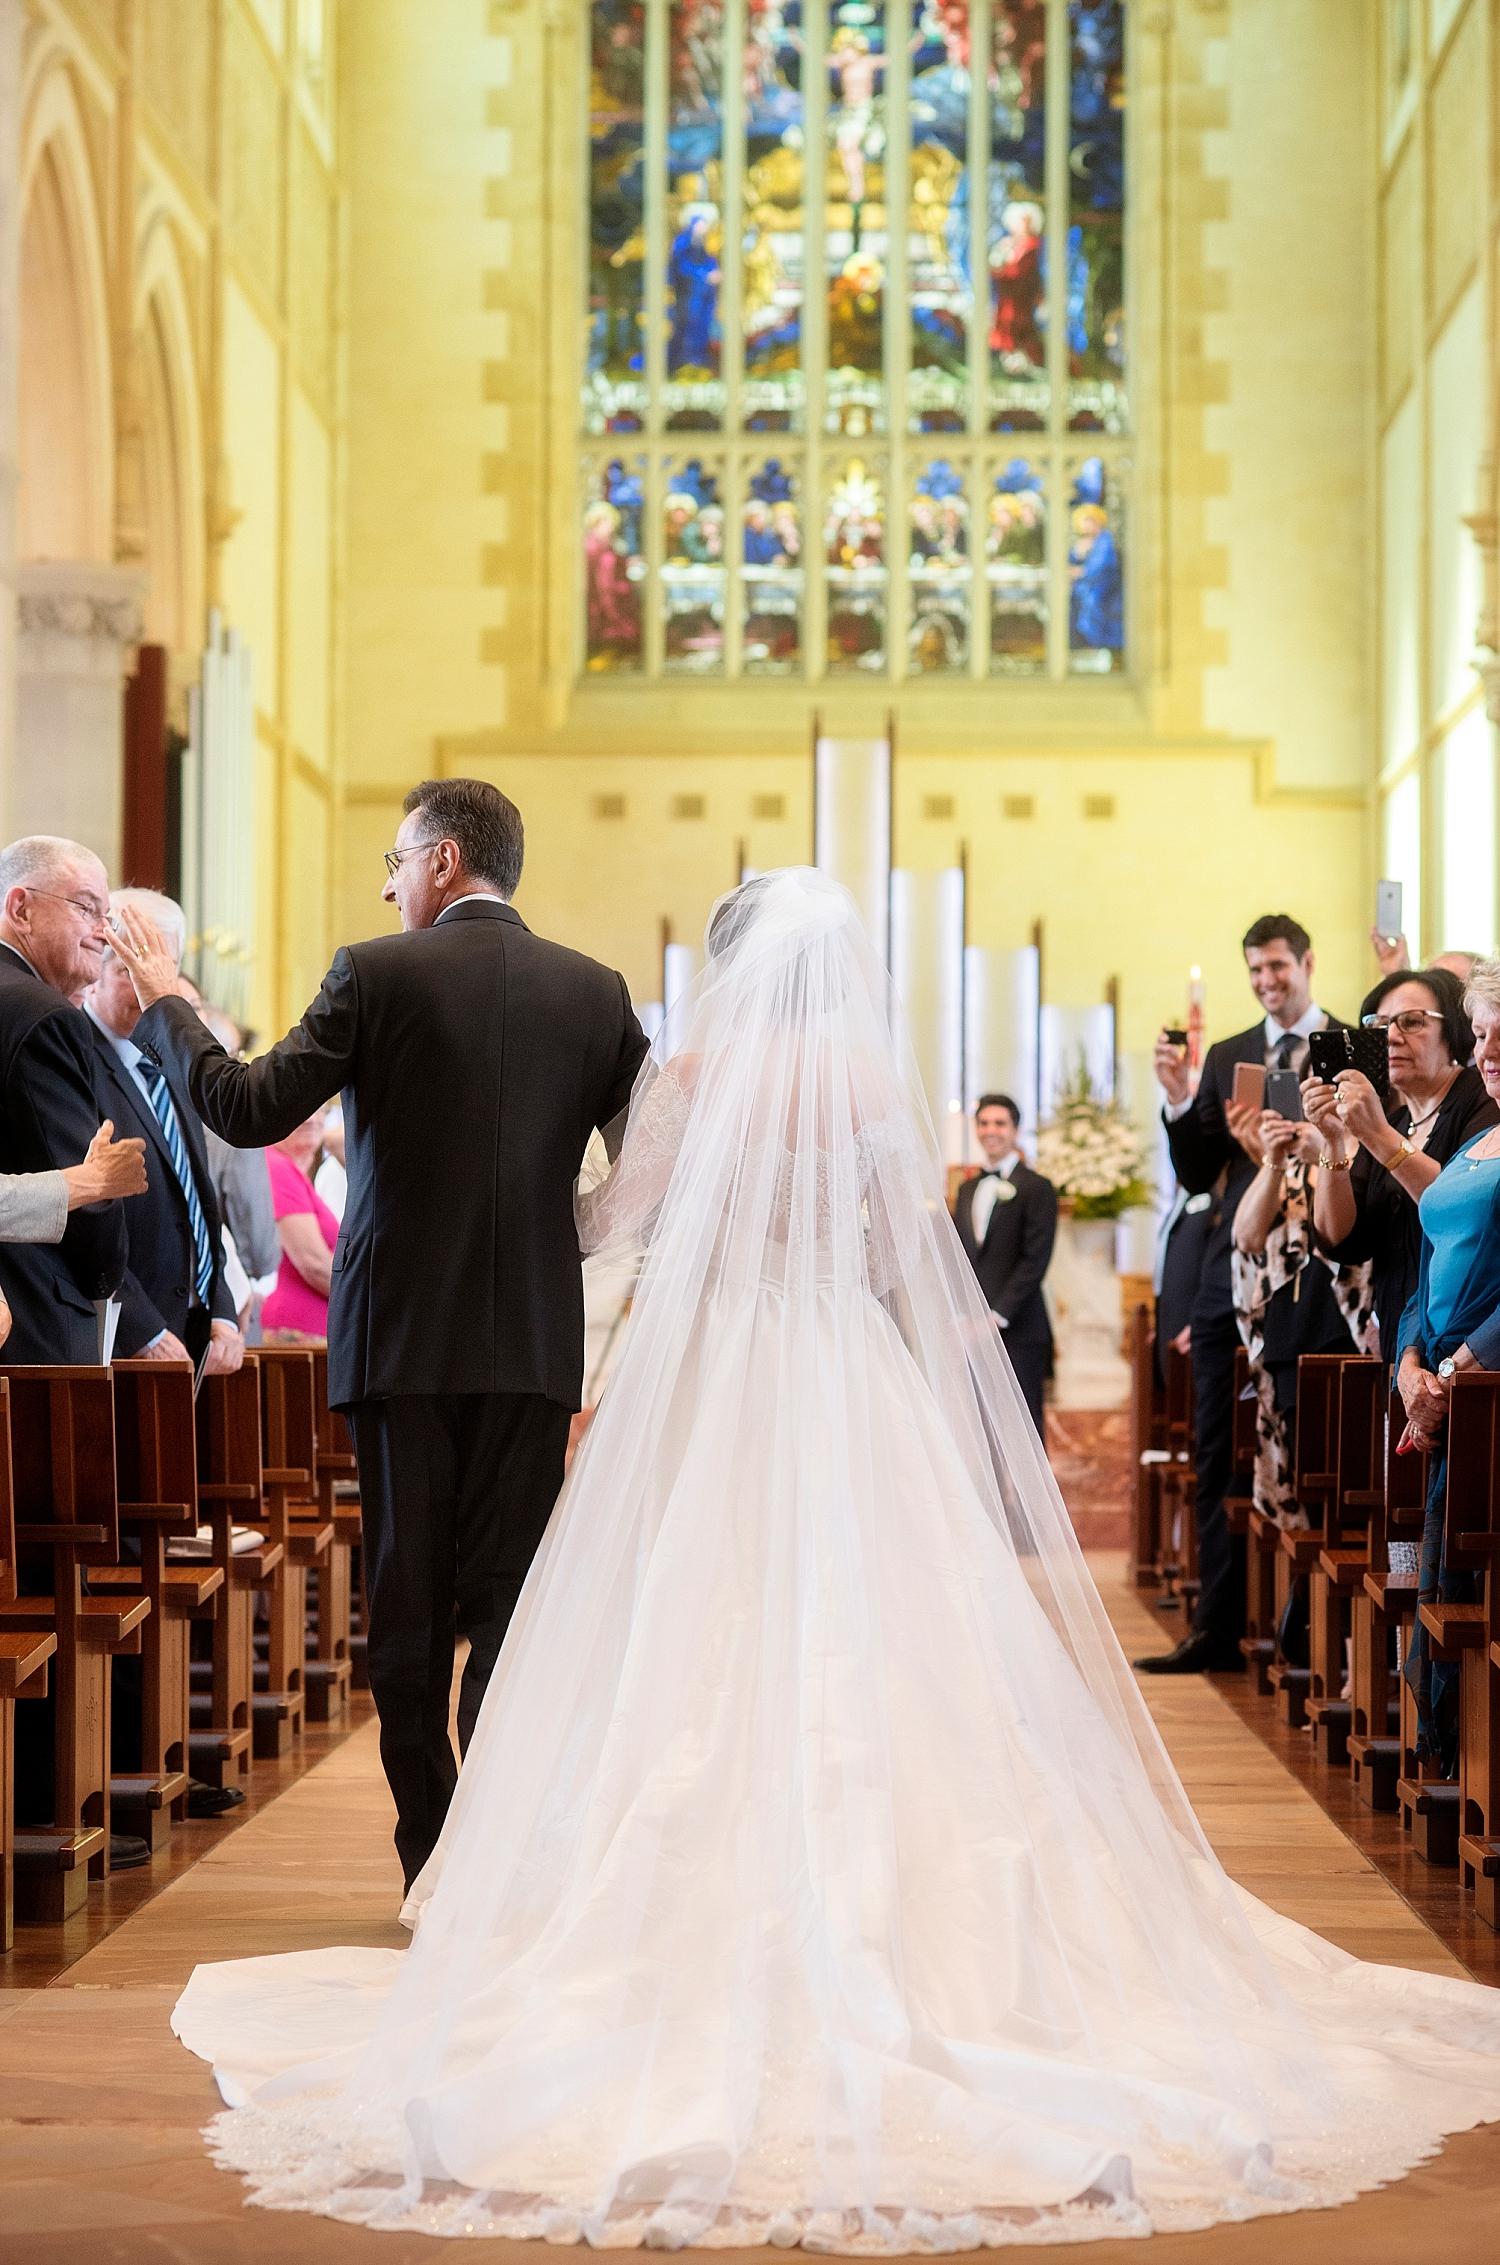 26_st marys cathedral wedding perth.jpg